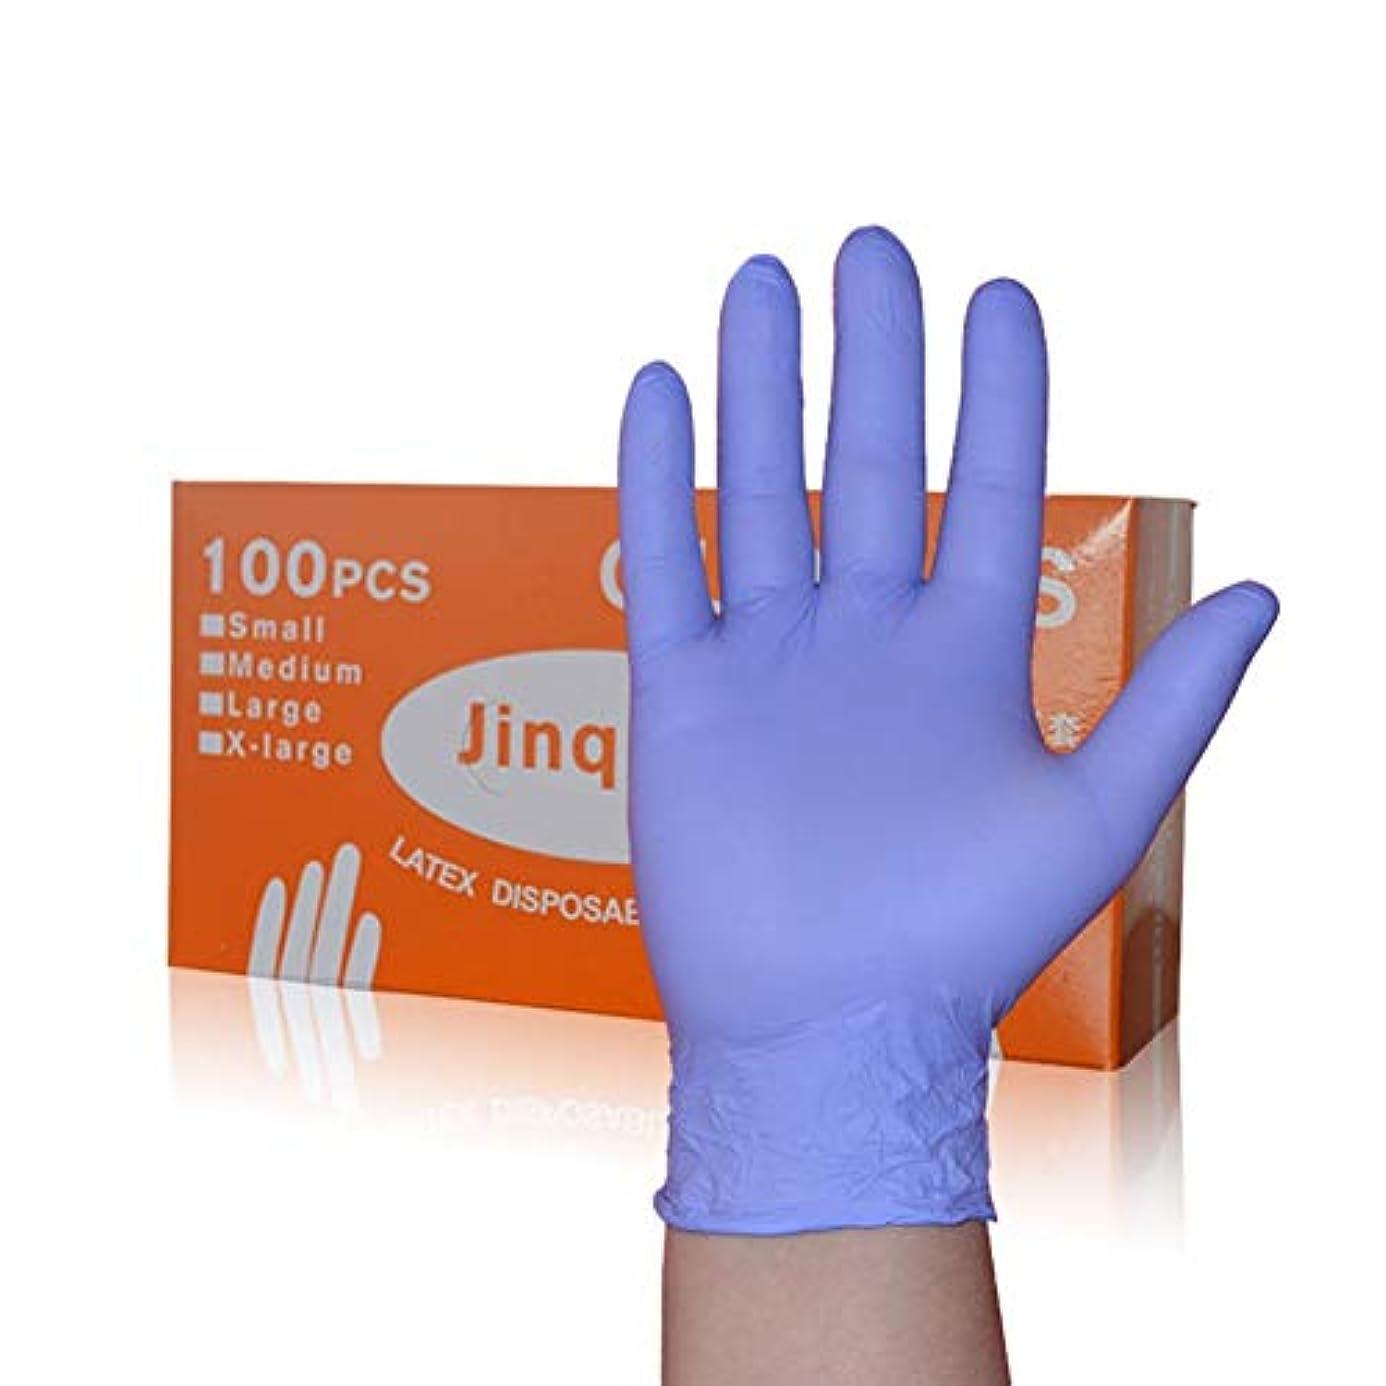 雷雨エレクトロニックバリケード箱入りA級Dingqing使い捨て手袋食品キッチンケータリング家事歯科手袋 YANW (色 : 紫の, サイズ さいず : L l)